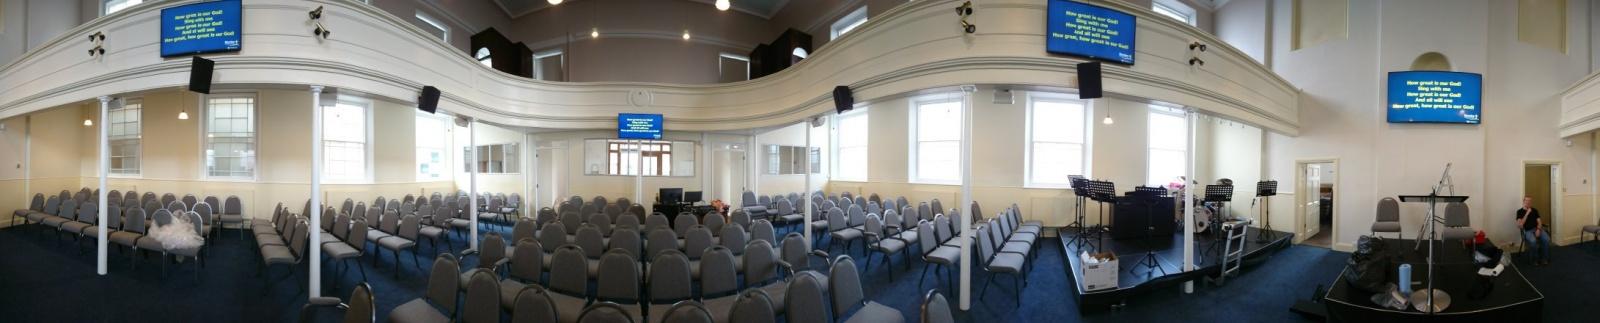 Panoramic Auditorium